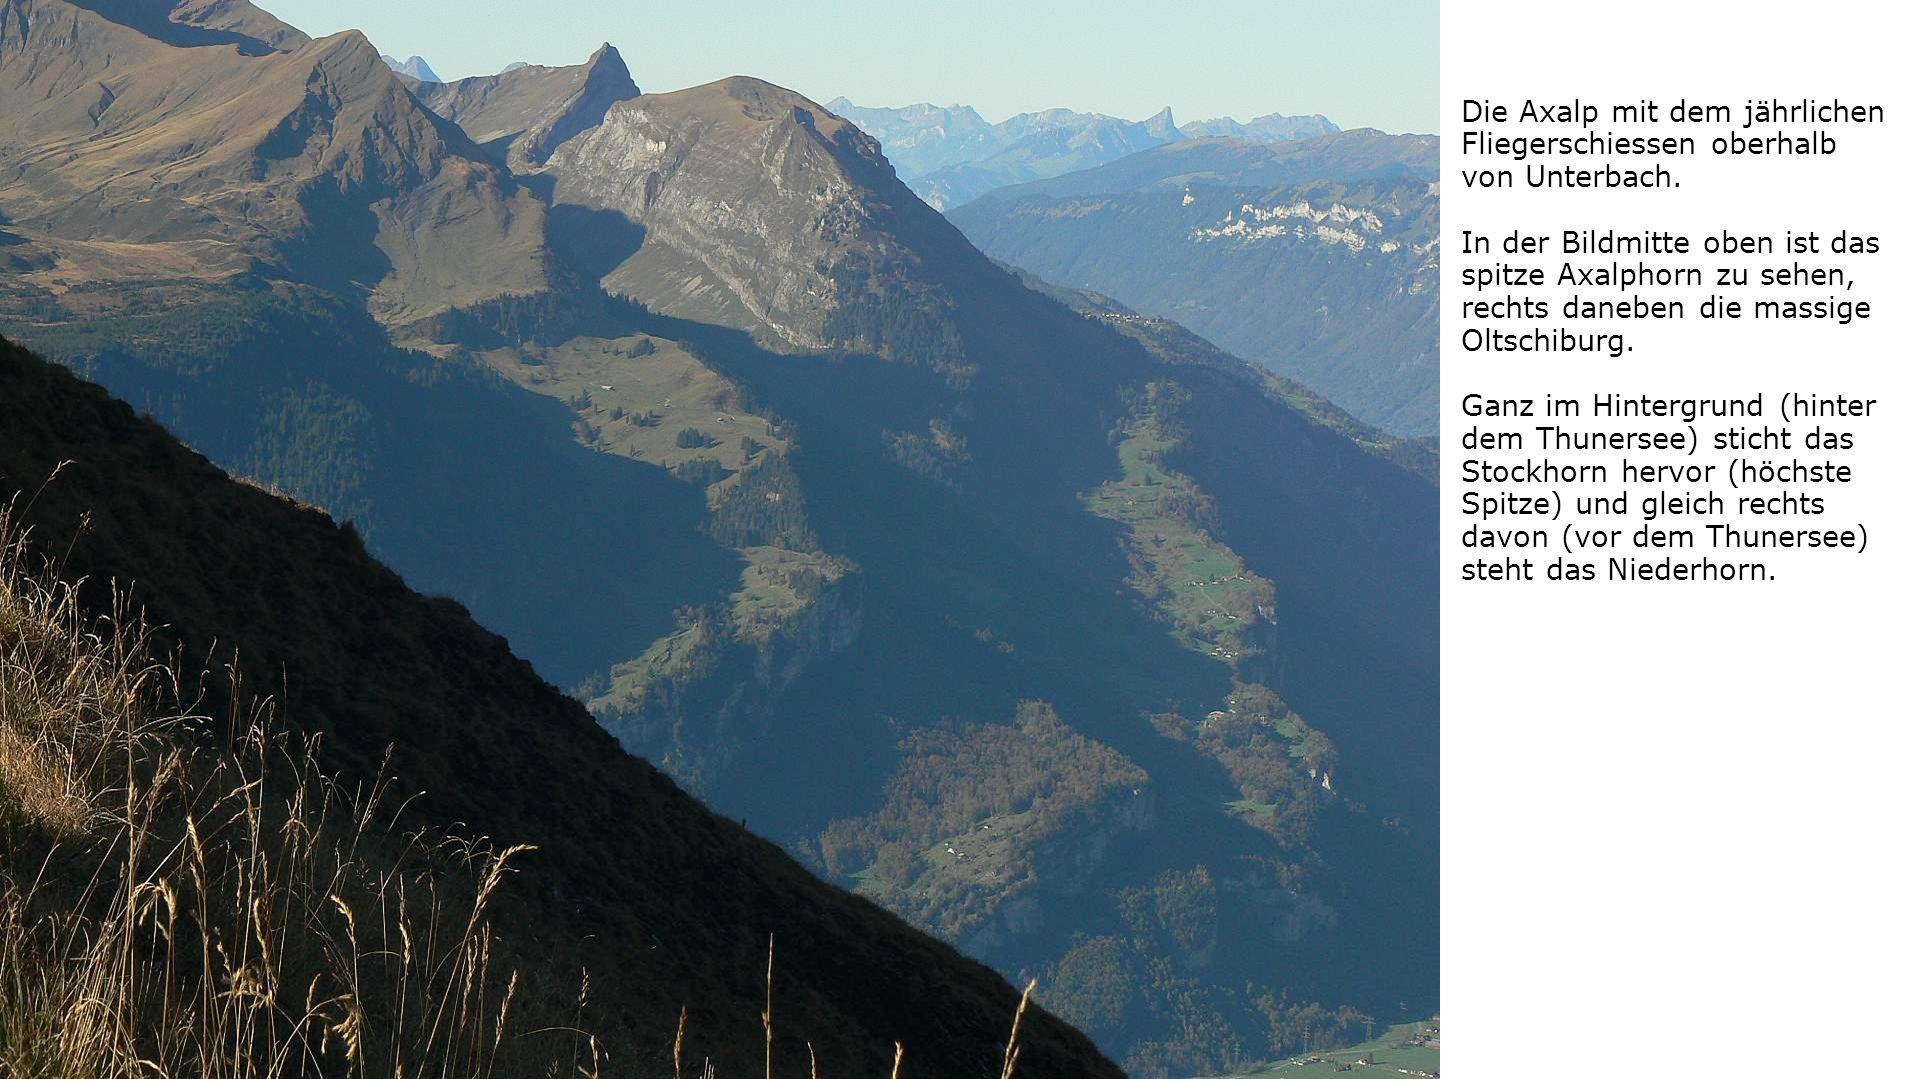 Die Axalp mit dem jährlichen Fliegerschiessen oberhalb von Unterbach.